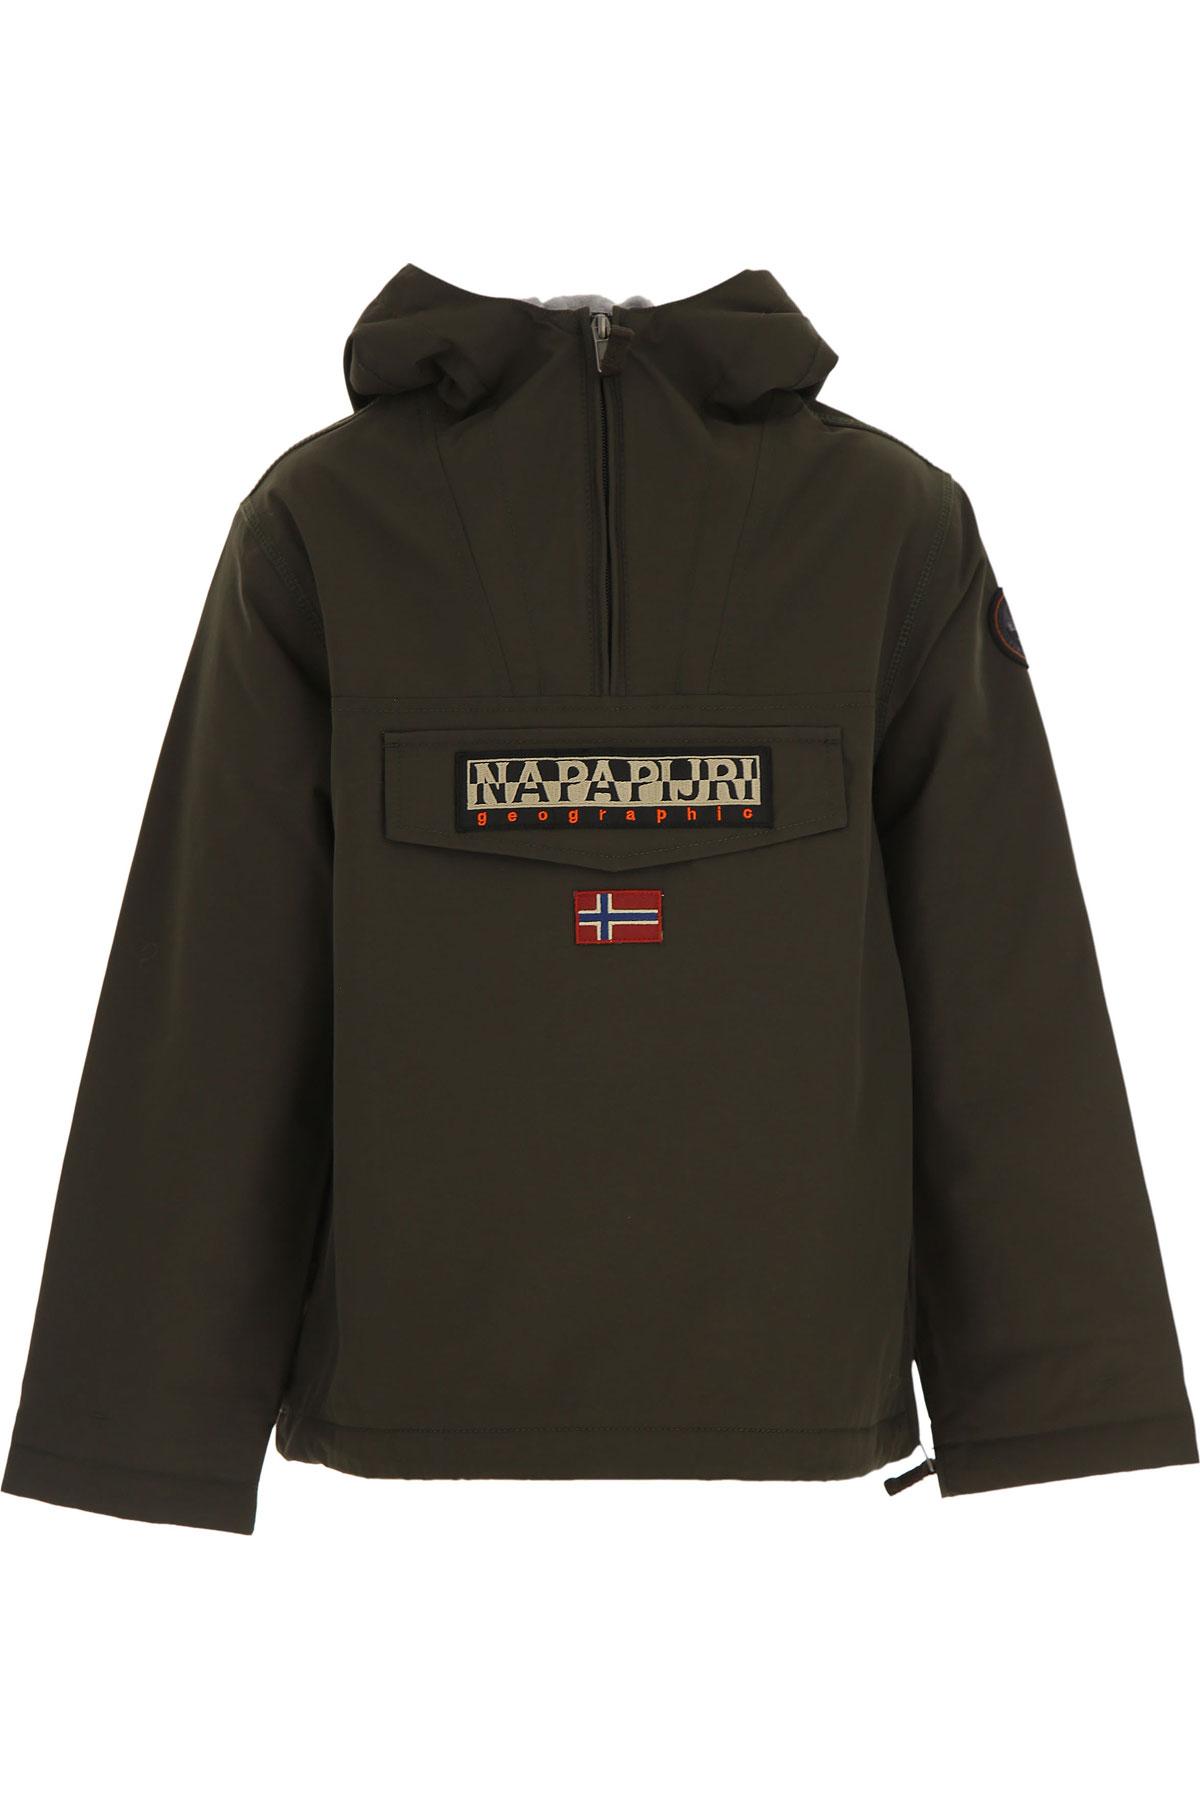 Napapijri Kids Jacket for Boys On Sale, Green, polyester, 2019, 10Y 14Y 16Y